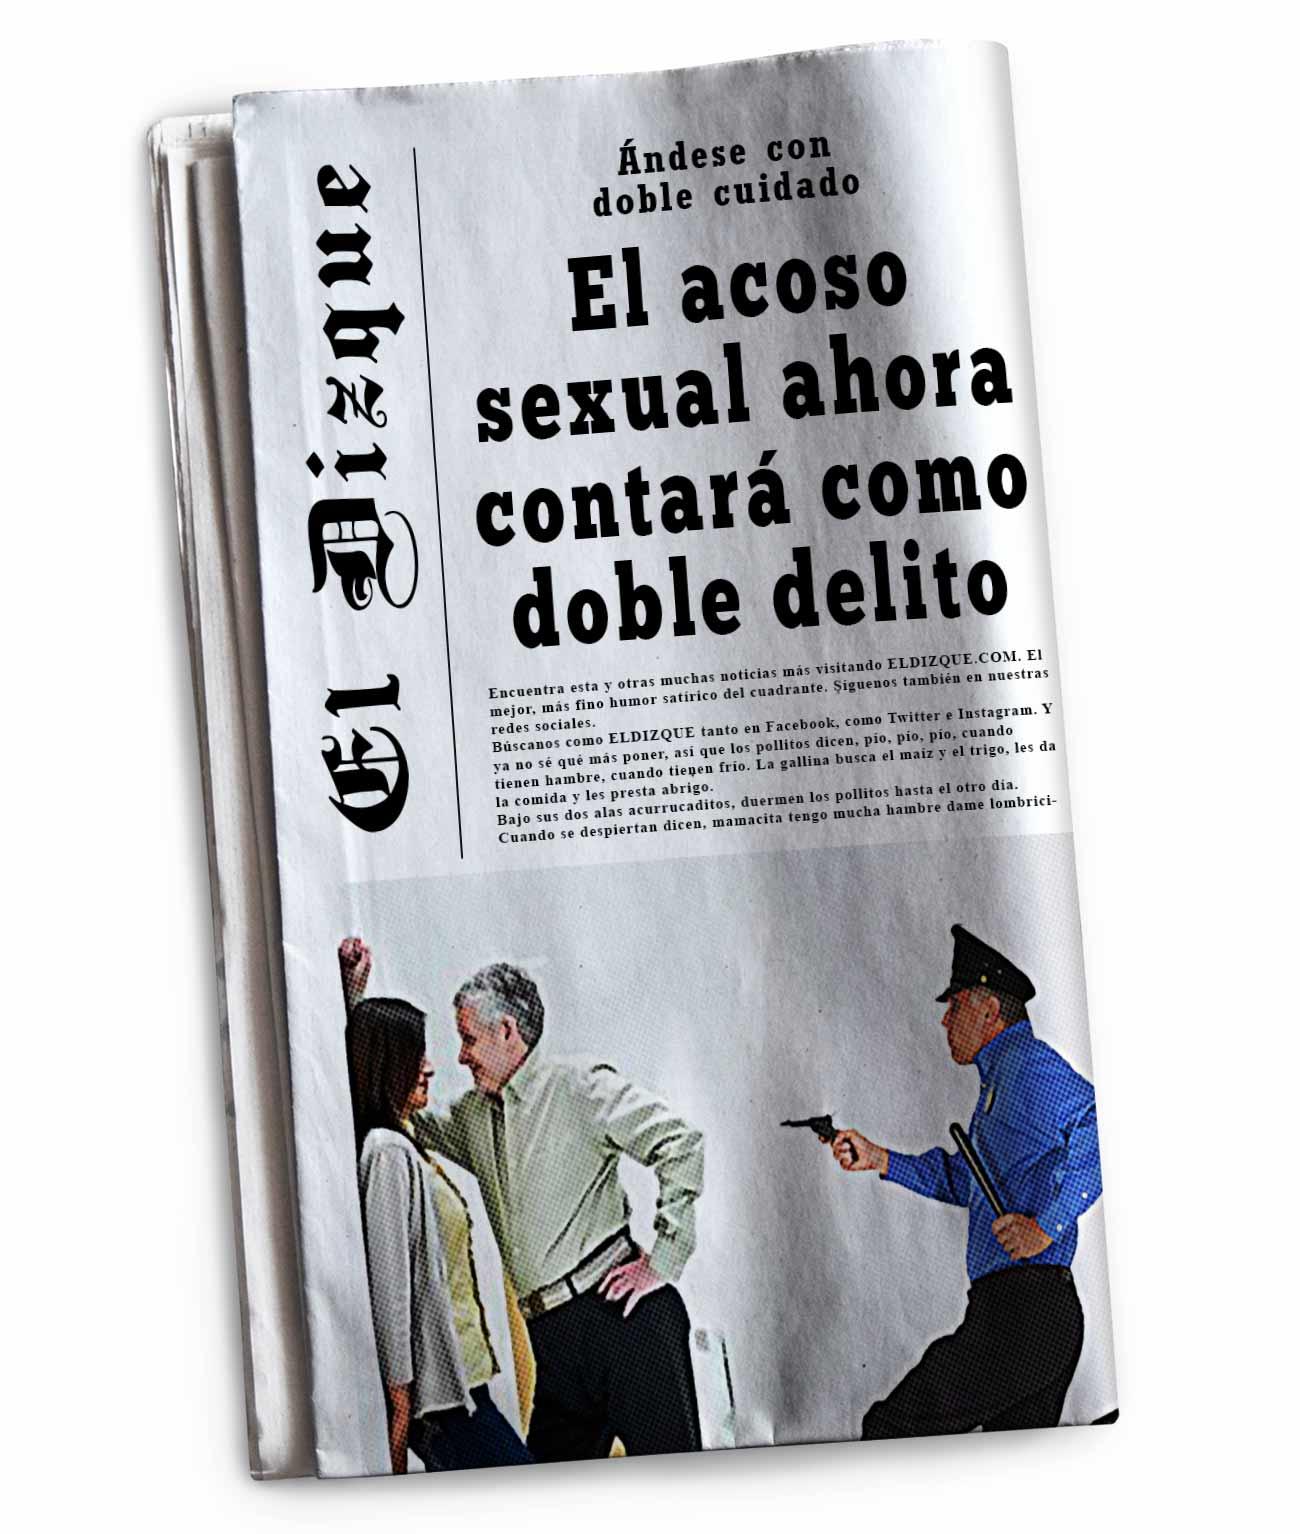 El acoso sexual ahora contará como doble delito